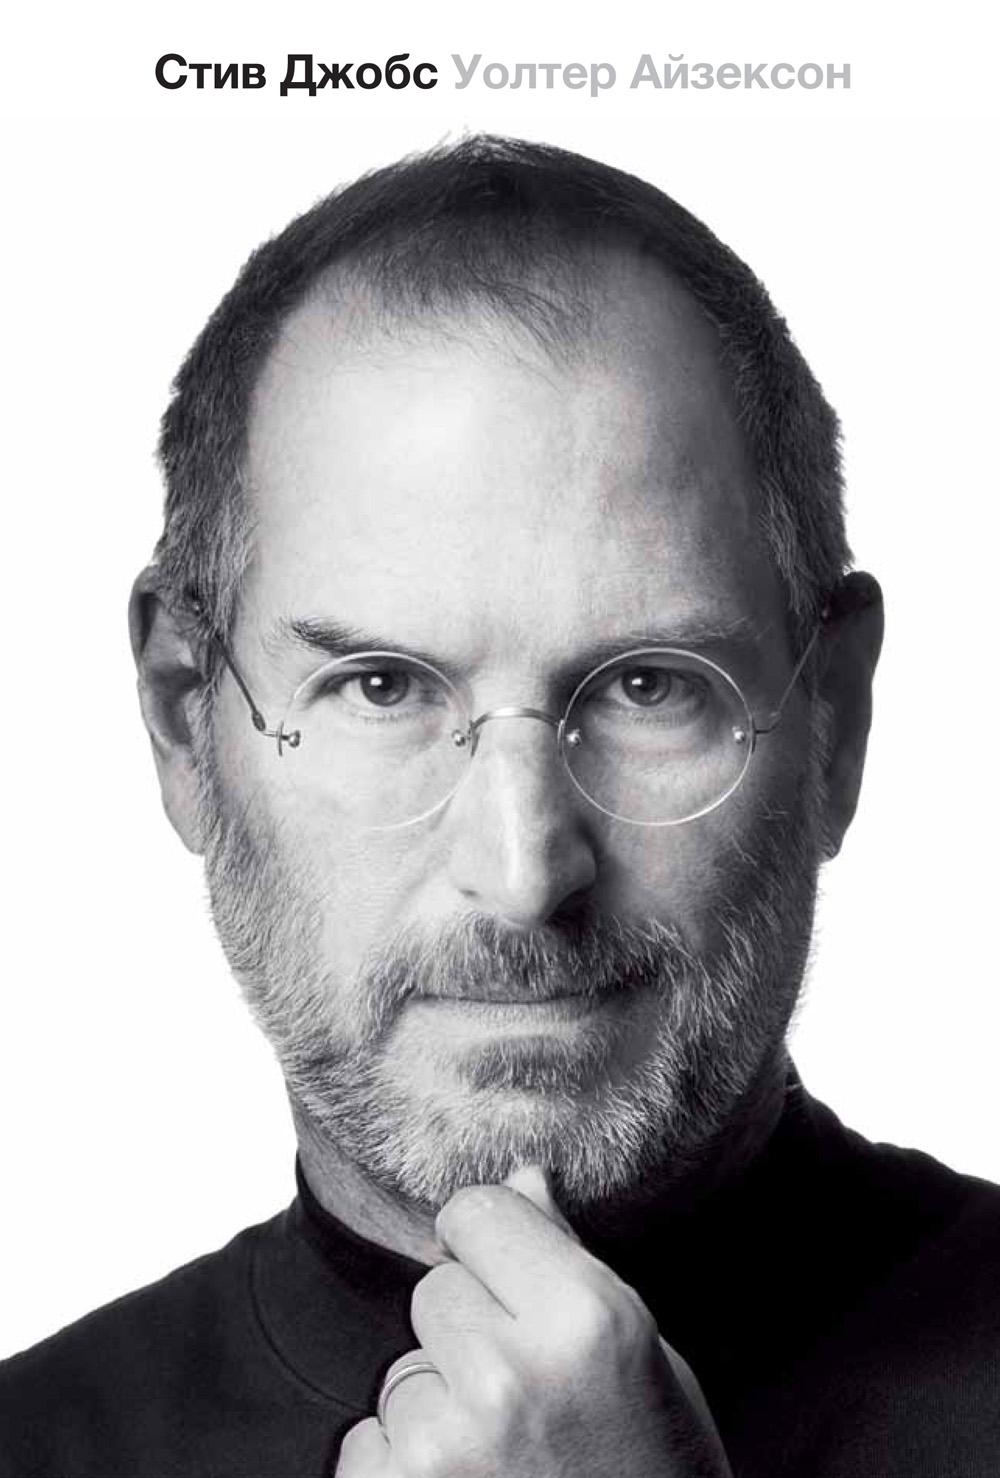 Стив Джобс. Биография от Уолтера Айзексона (смотреть онлайн)